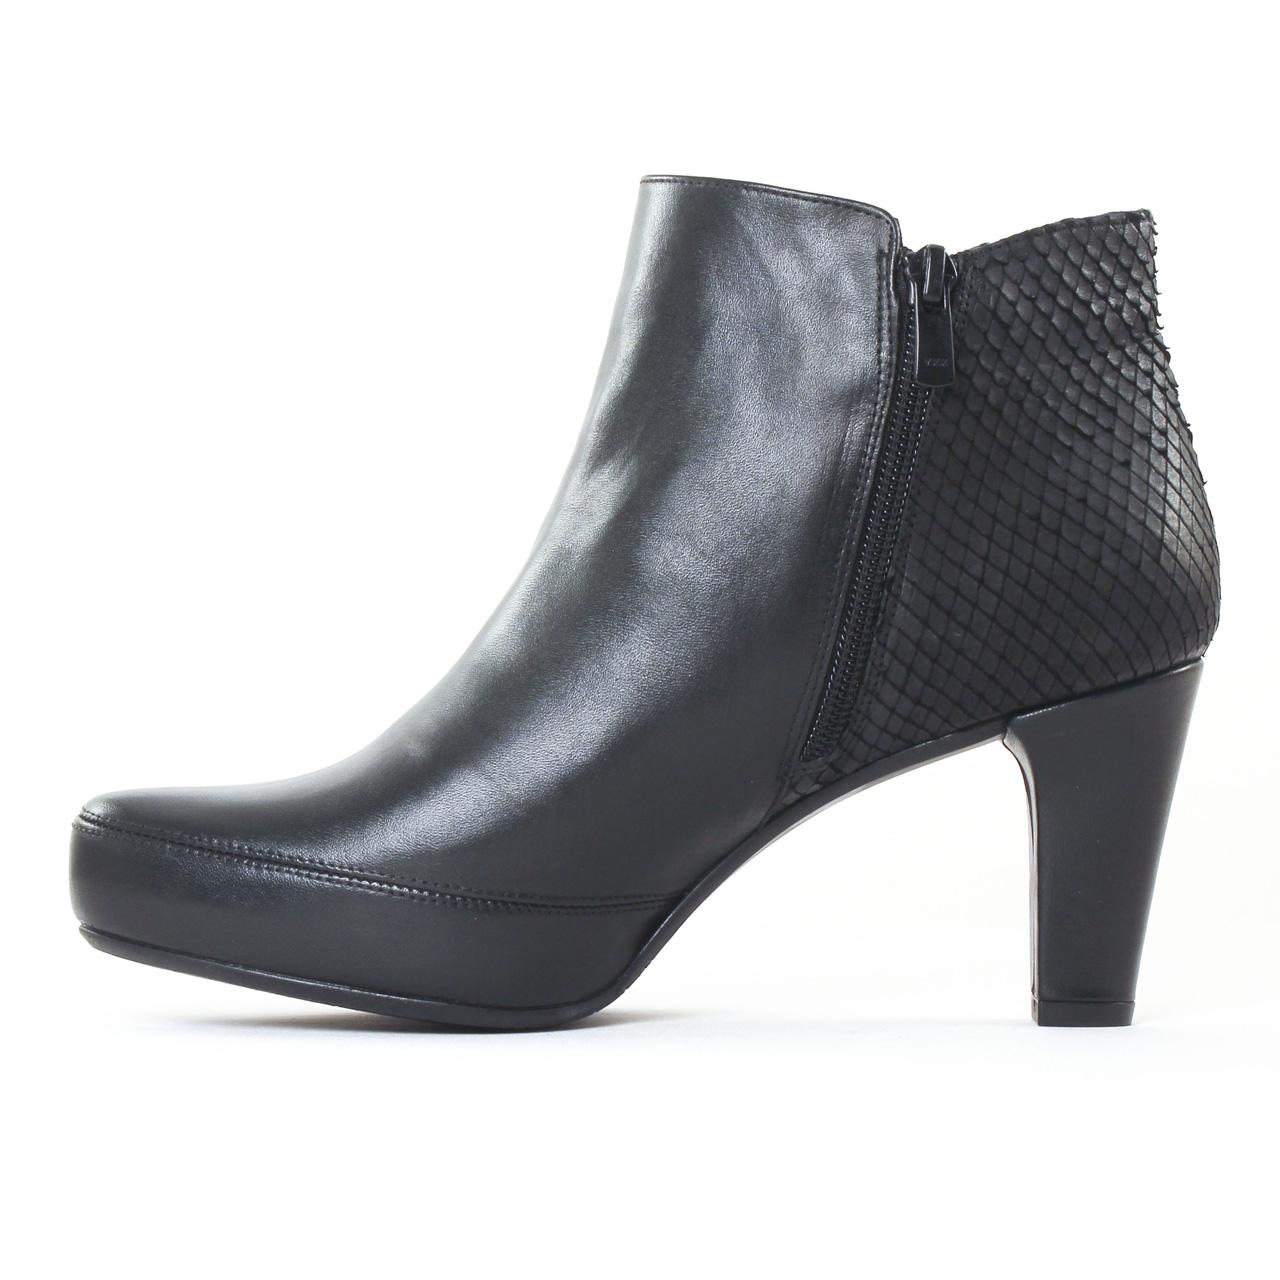 dorking blesa 6413 noir boot talon noir automne hiver chez trois par 3. Black Bedroom Furniture Sets. Home Design Ideas